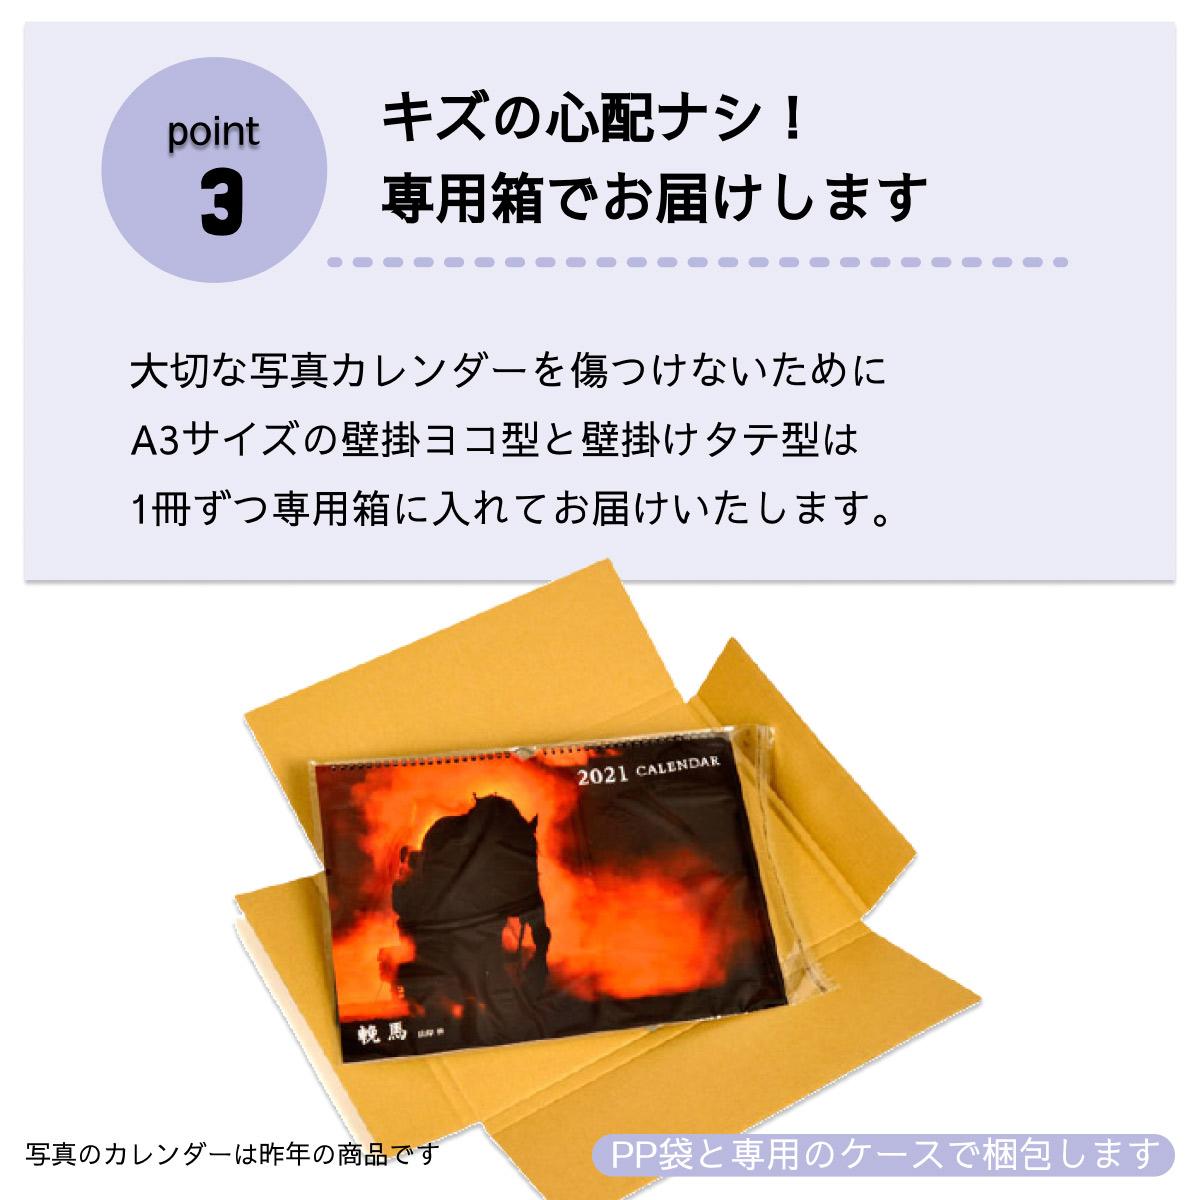 カメラマン 2022カレンダーシリーズ 09 福田幸広「しあわせ動物写真館」